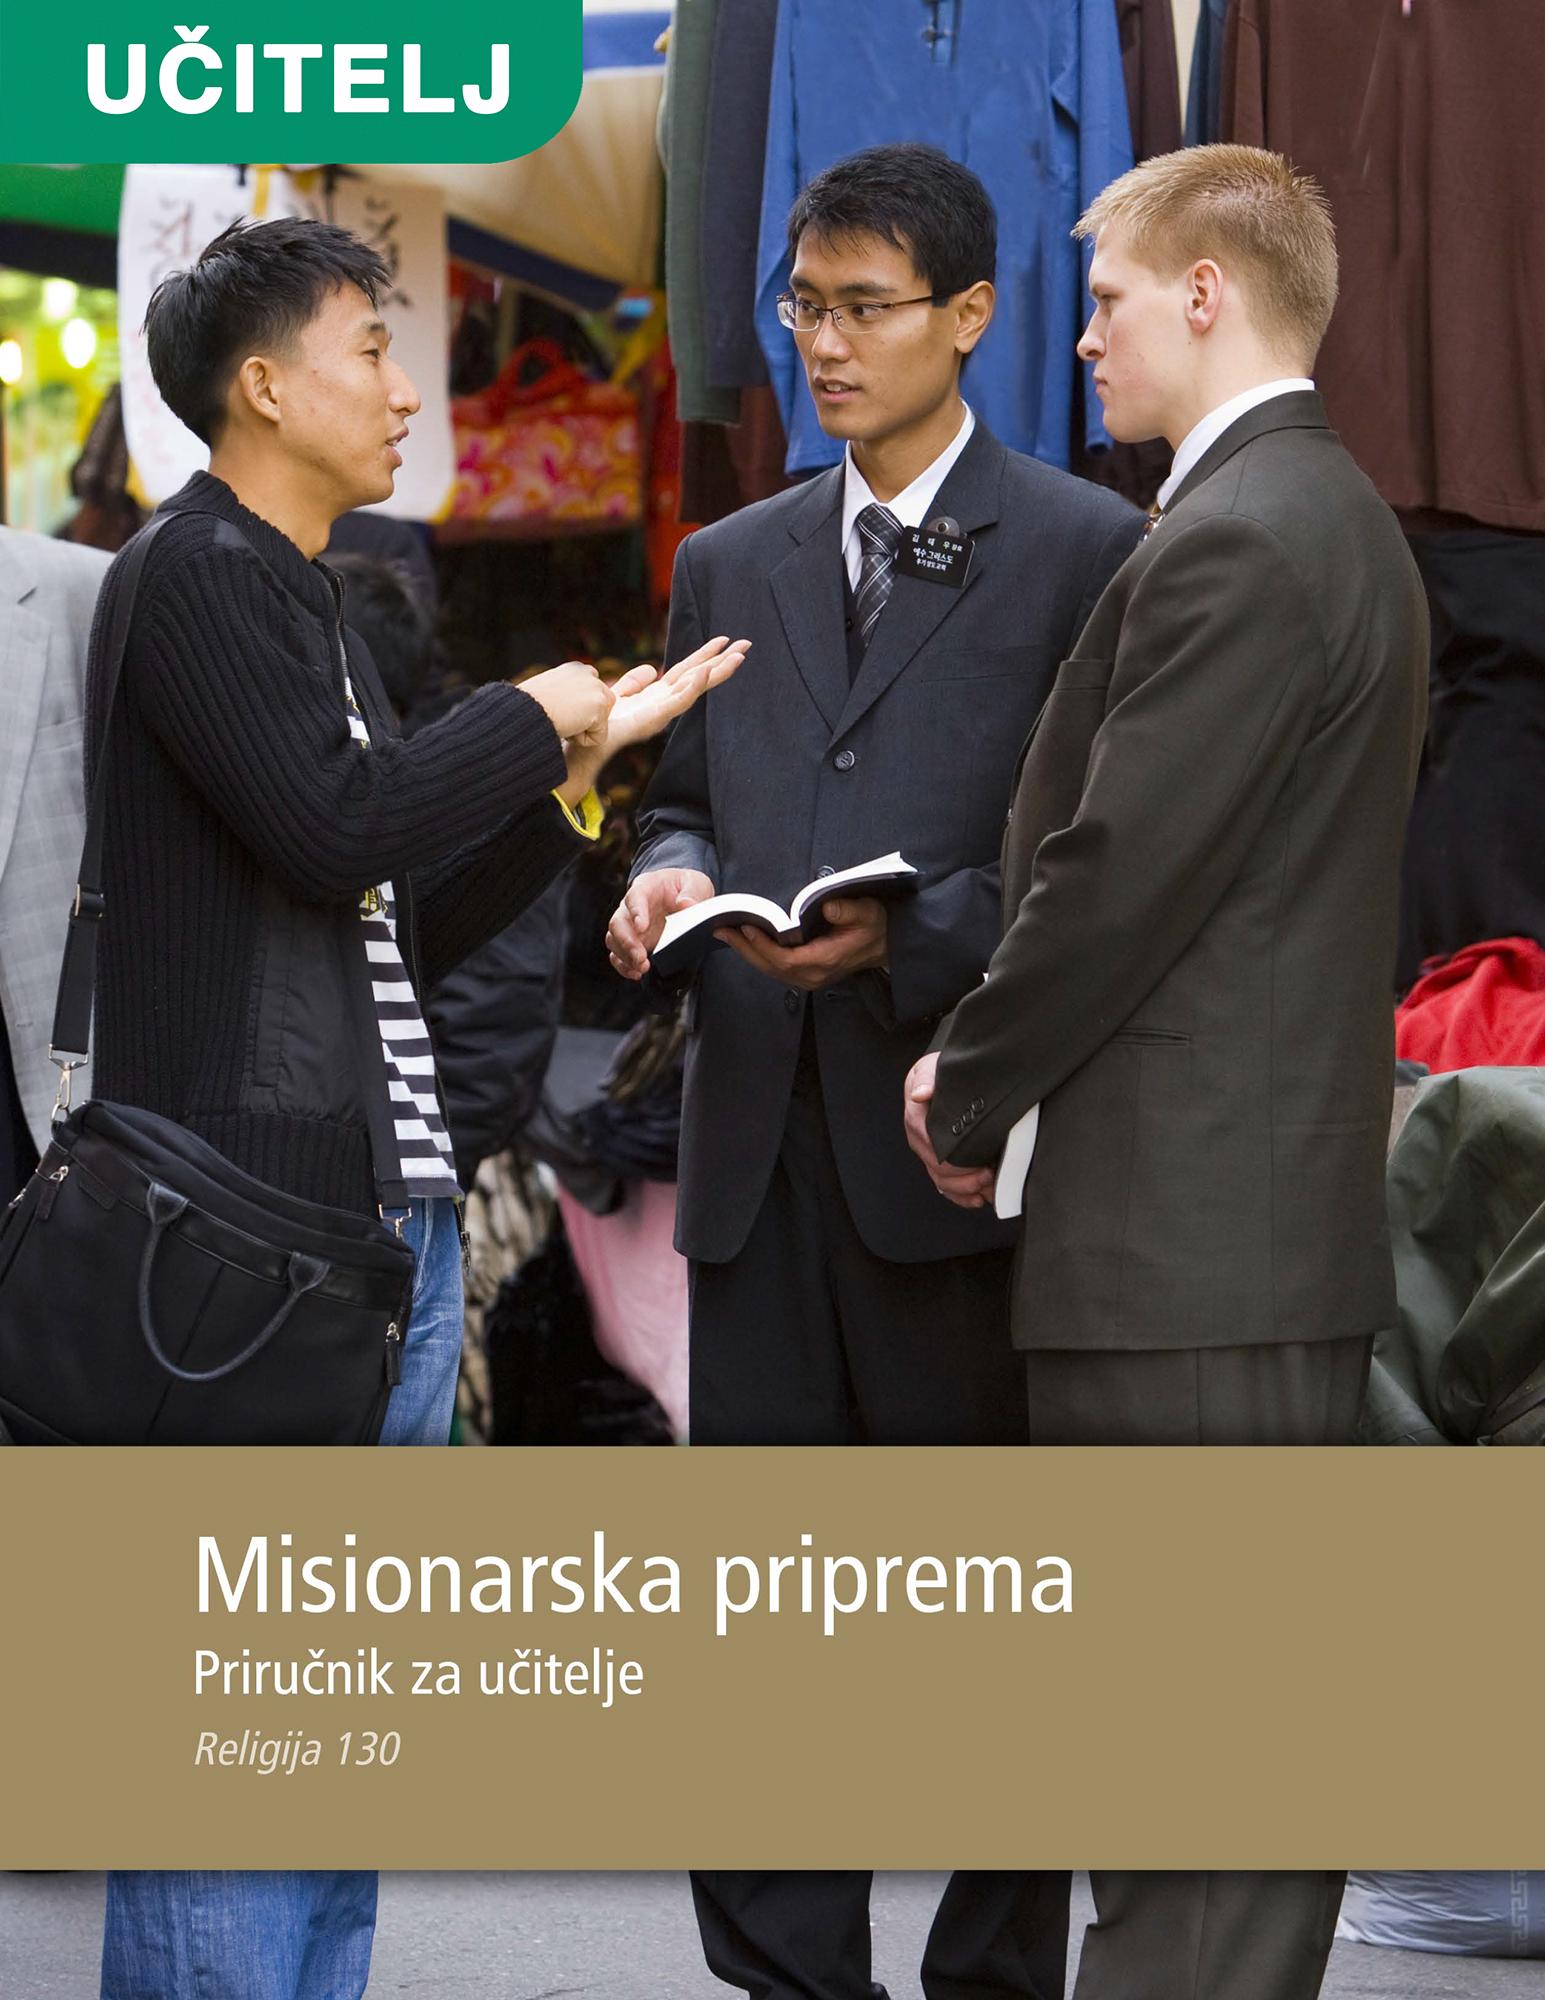 Misionarska priprema – priručnik za učitelje (Rel 130)